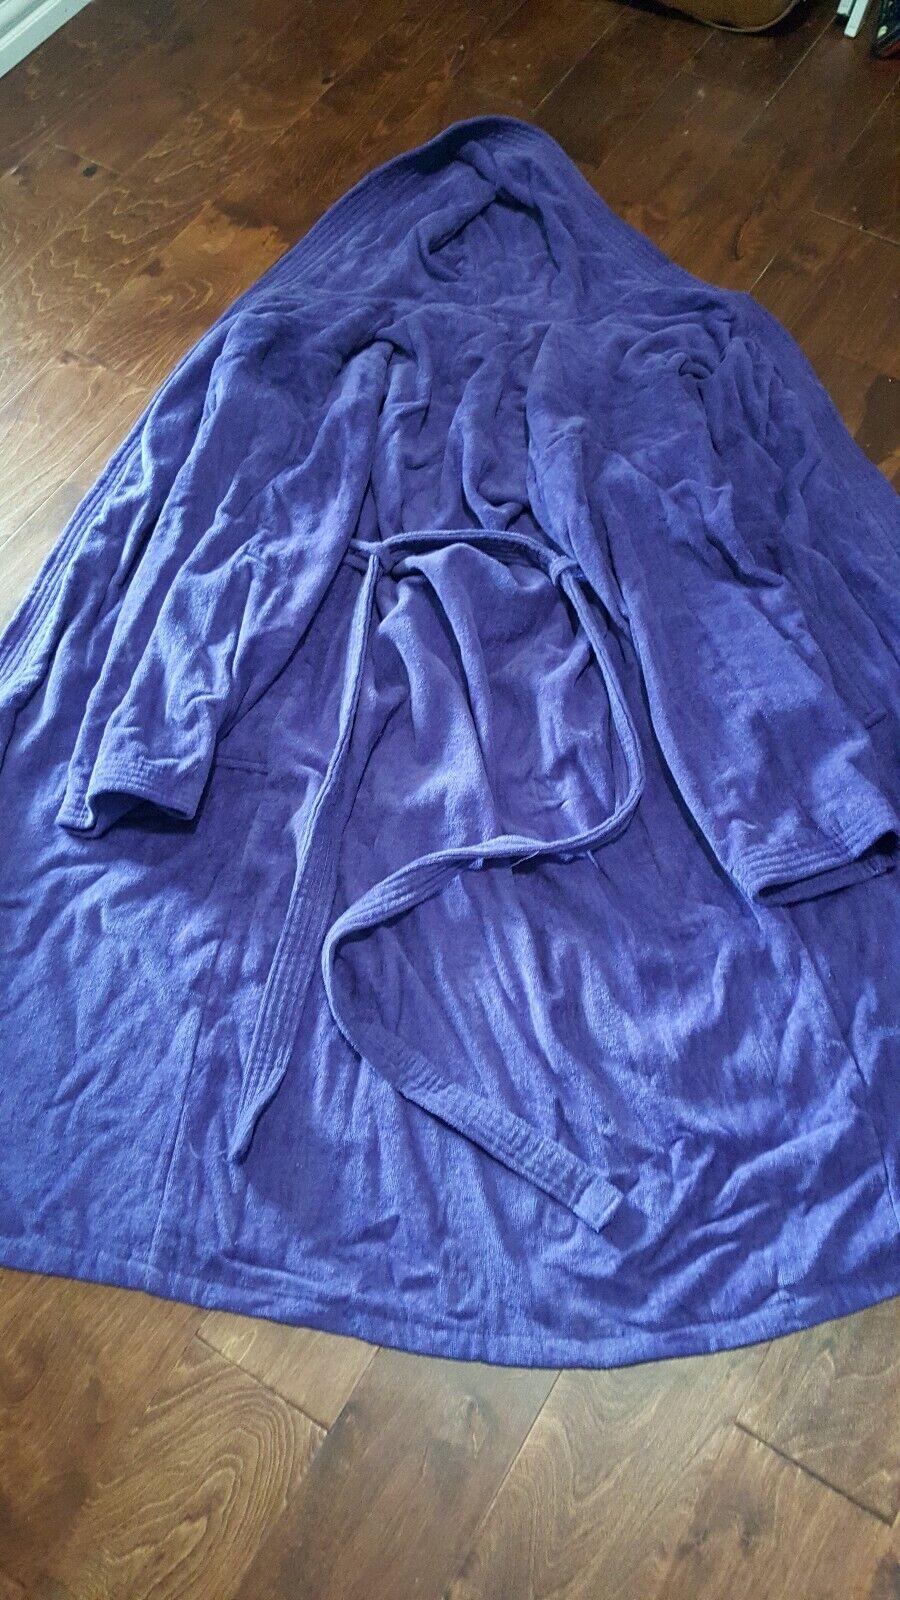 Cotton works women bath robe purple size XL